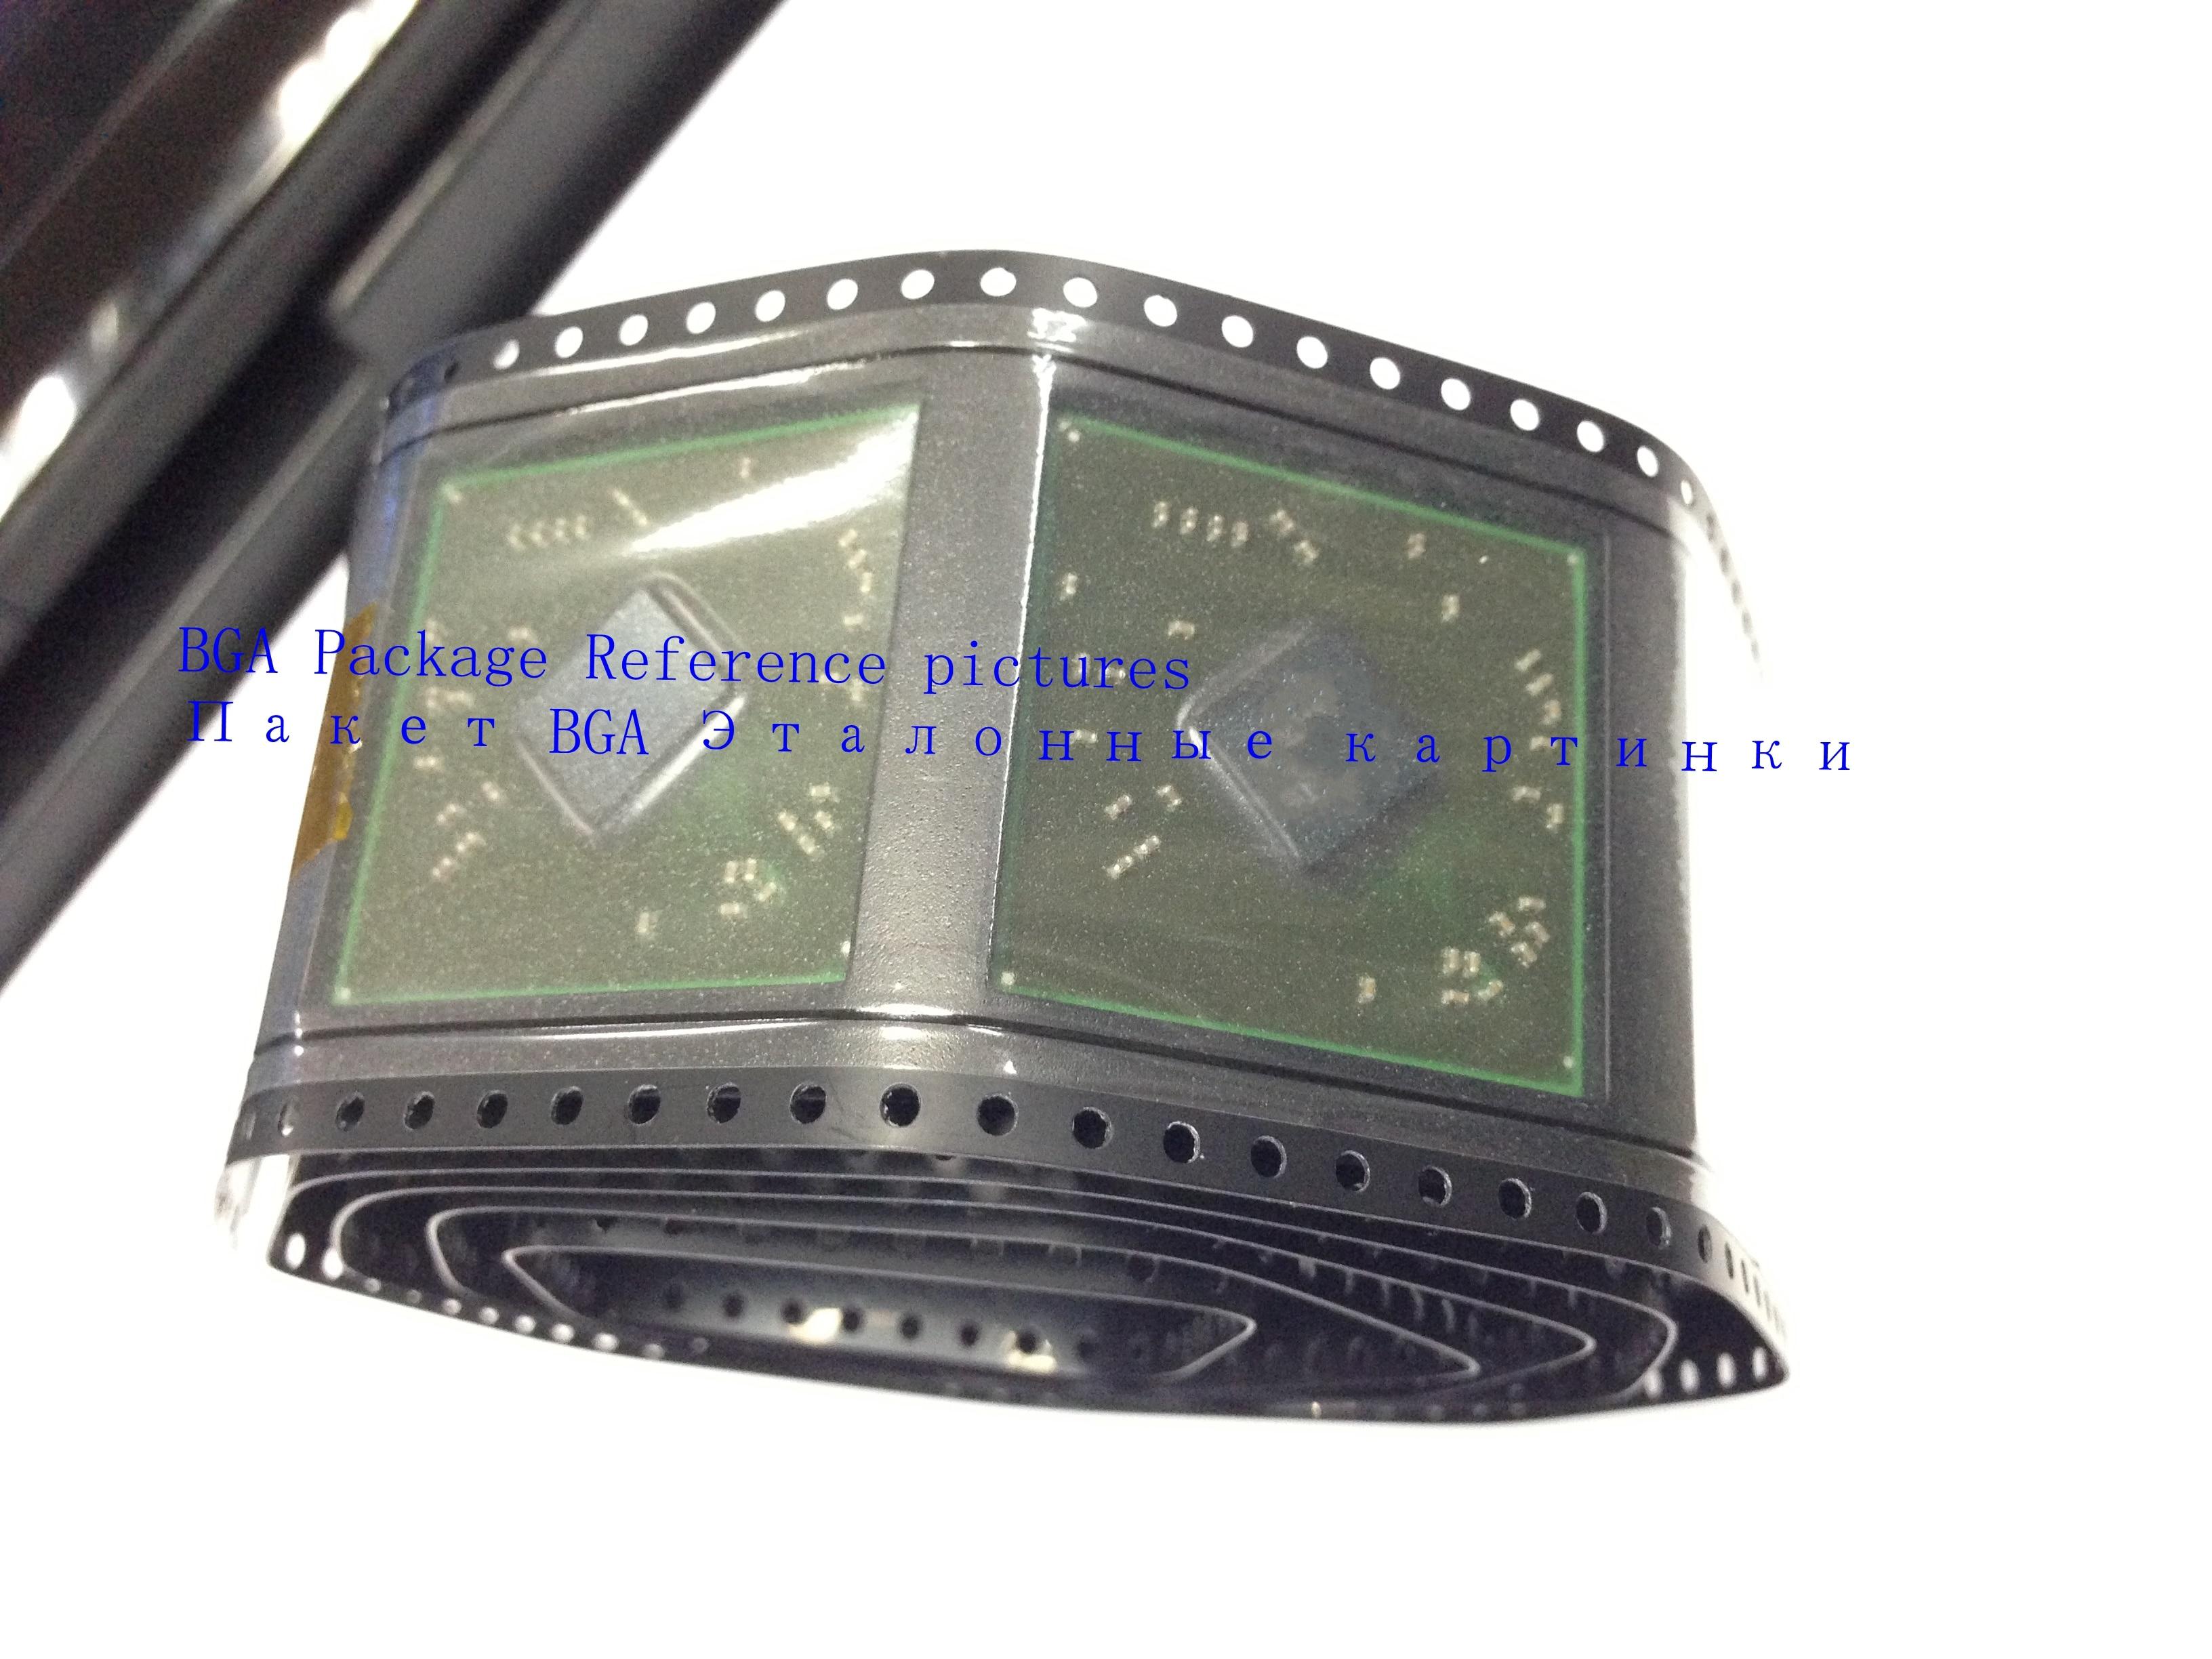 1 pcs/lot 100% Nouveau N12M-GS2-S-A1 N12M GS2 S A1 Chipset BGA1 pcs/lot 100% Nouveau N12M-GS2-S-A1 N12M GS2 S A1 Chipset BGA